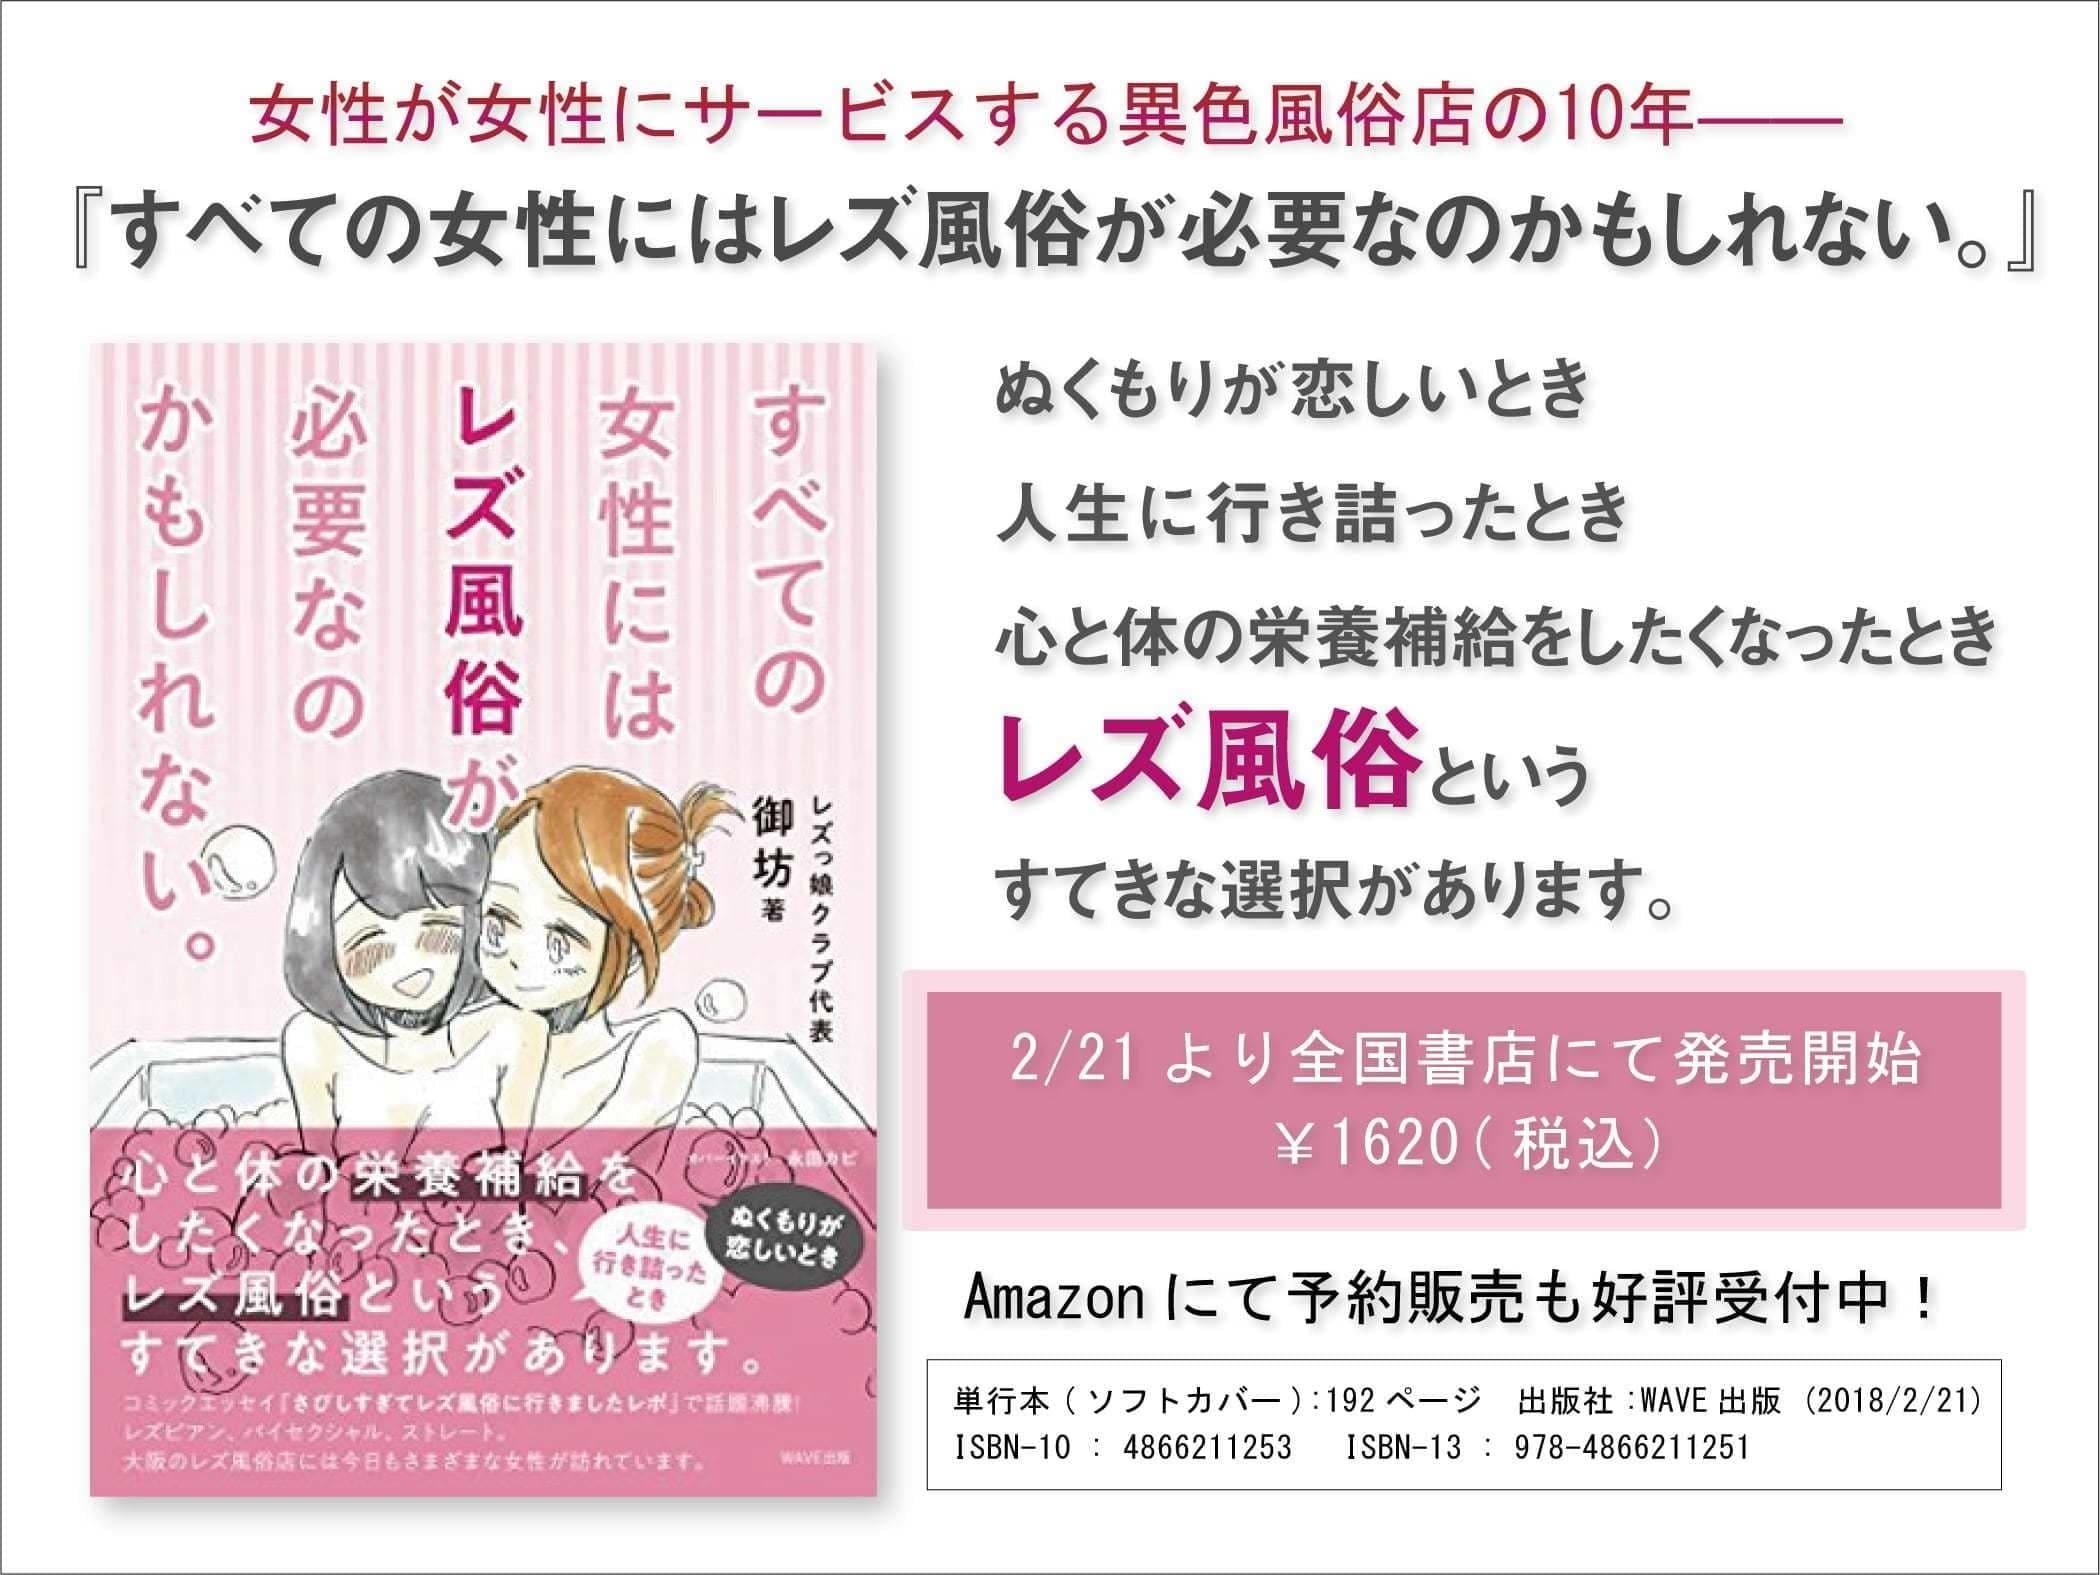 出版記念割引!2月中に書籍お買い上げのお客様限定!